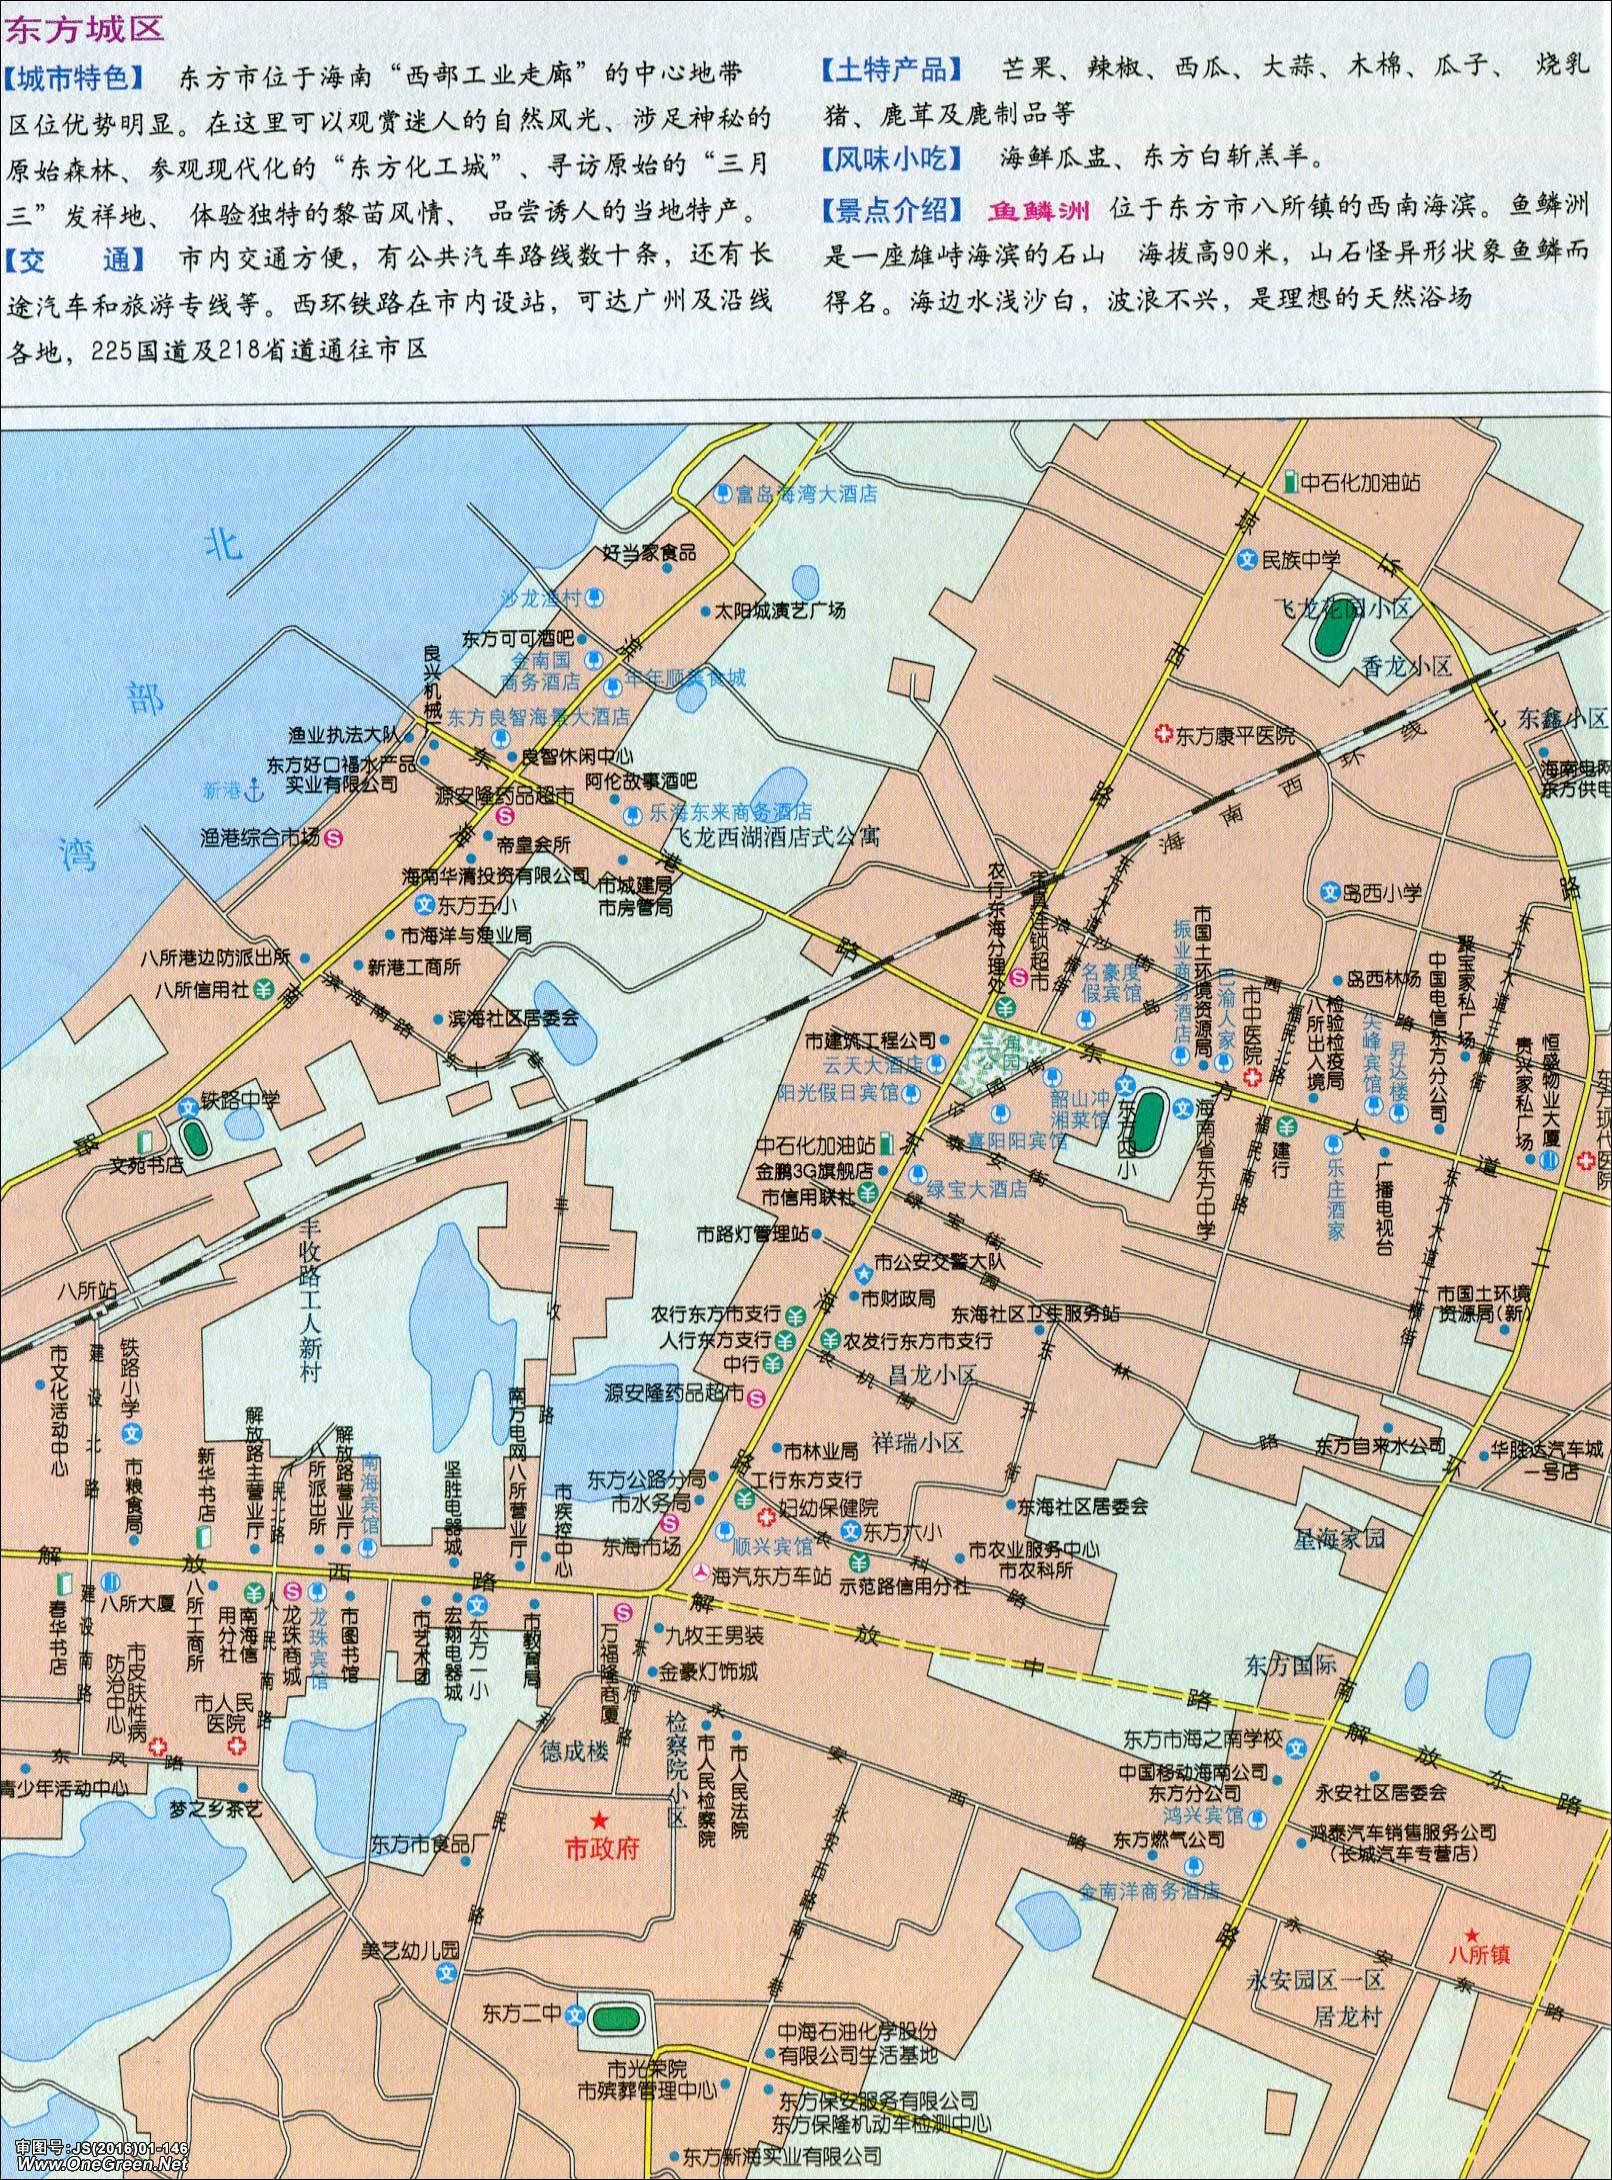 东方城区地图_海南其他地图库_地图窝